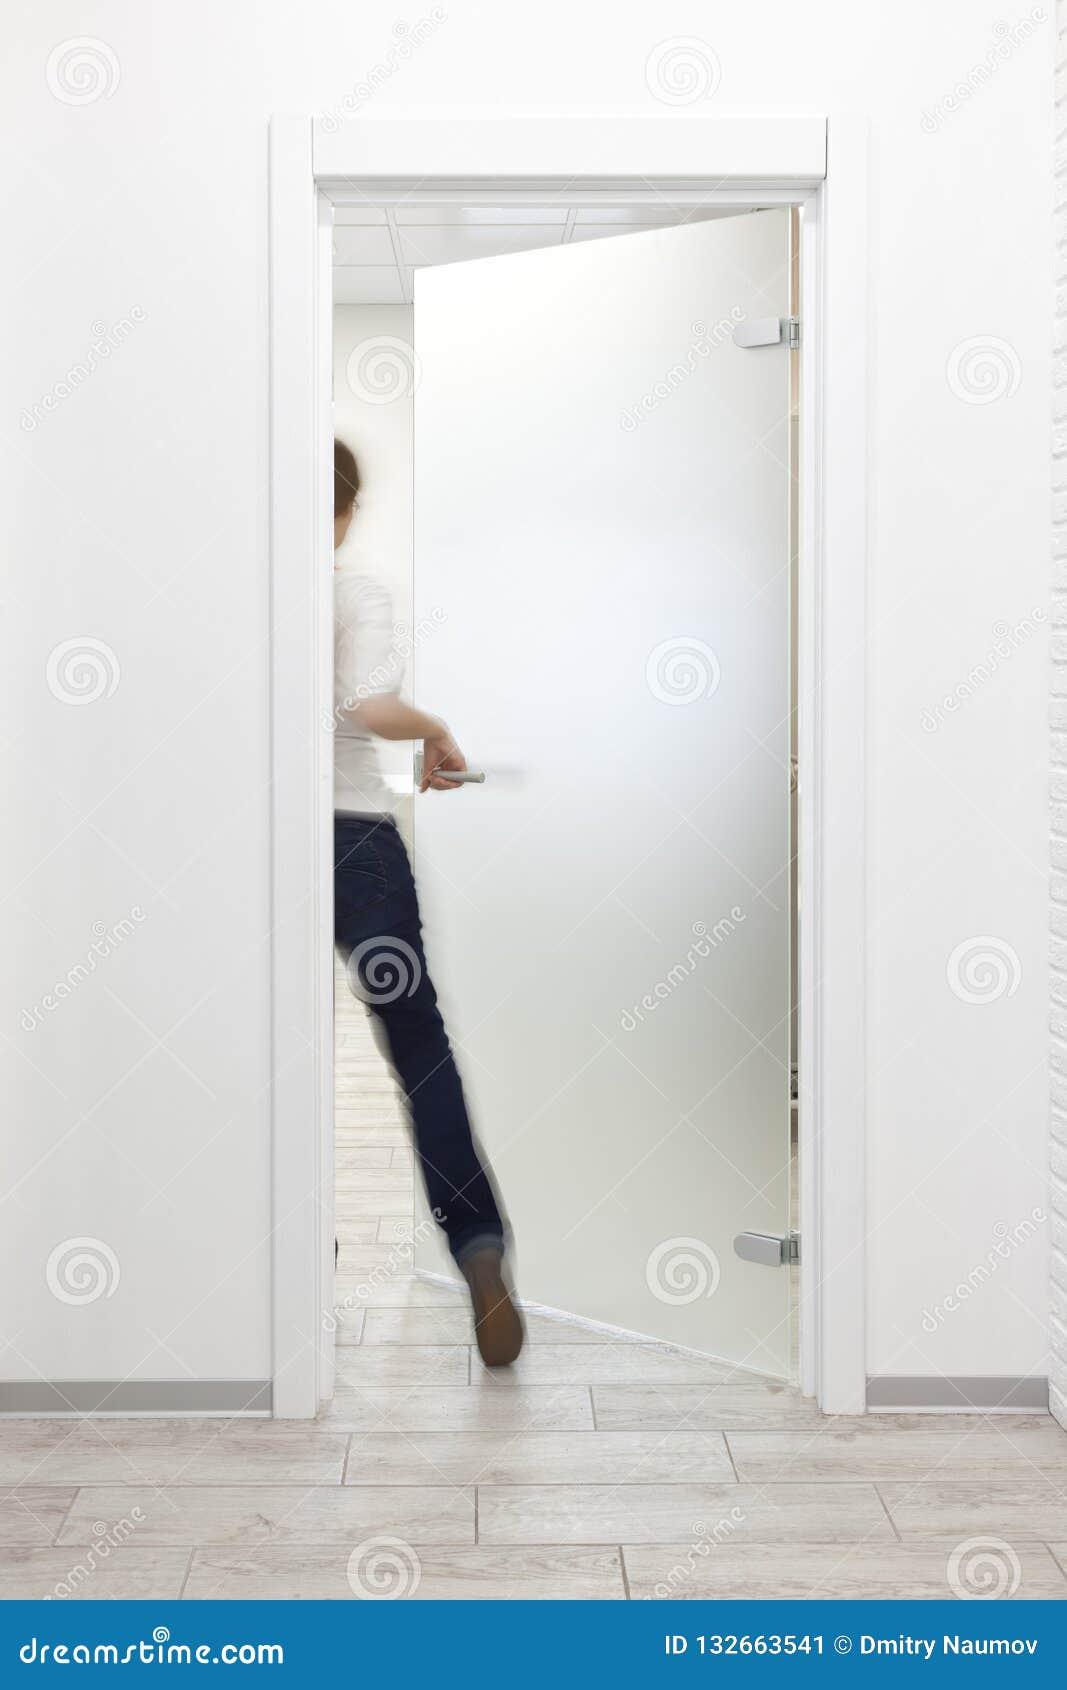 Pessoa que entra em uma sala no escritório com interior branco minimalista